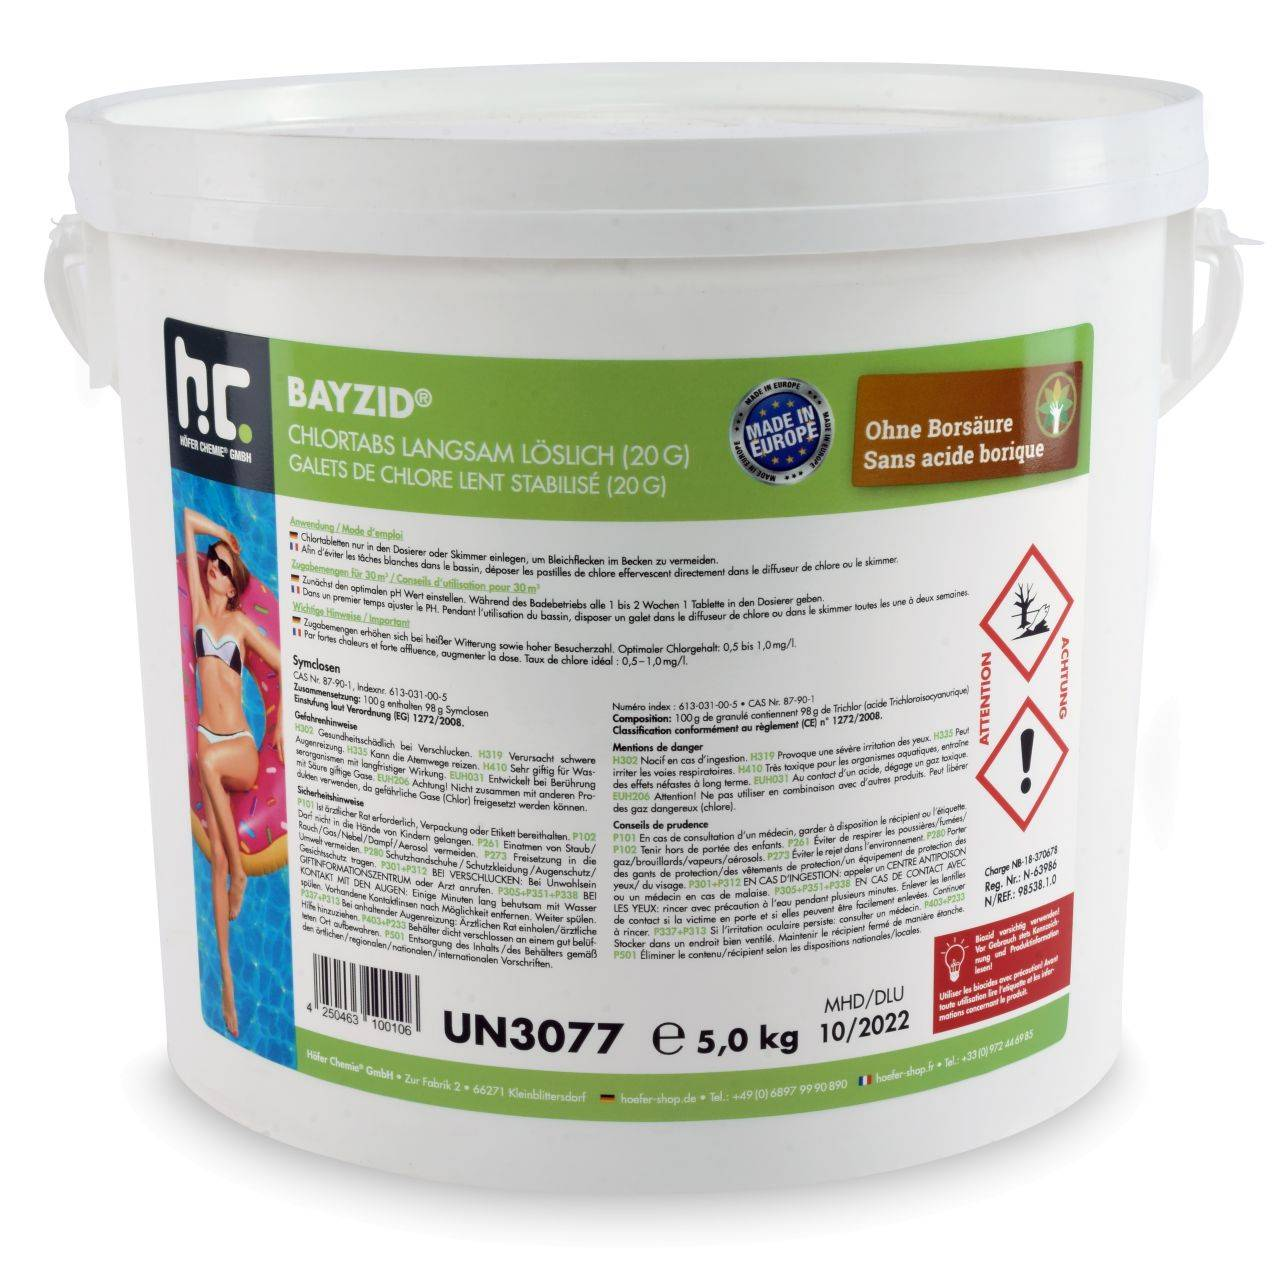 BAYZID 20 kg Bayzid® Pastilles de chlore lent (20g) (4 x 5 kg)